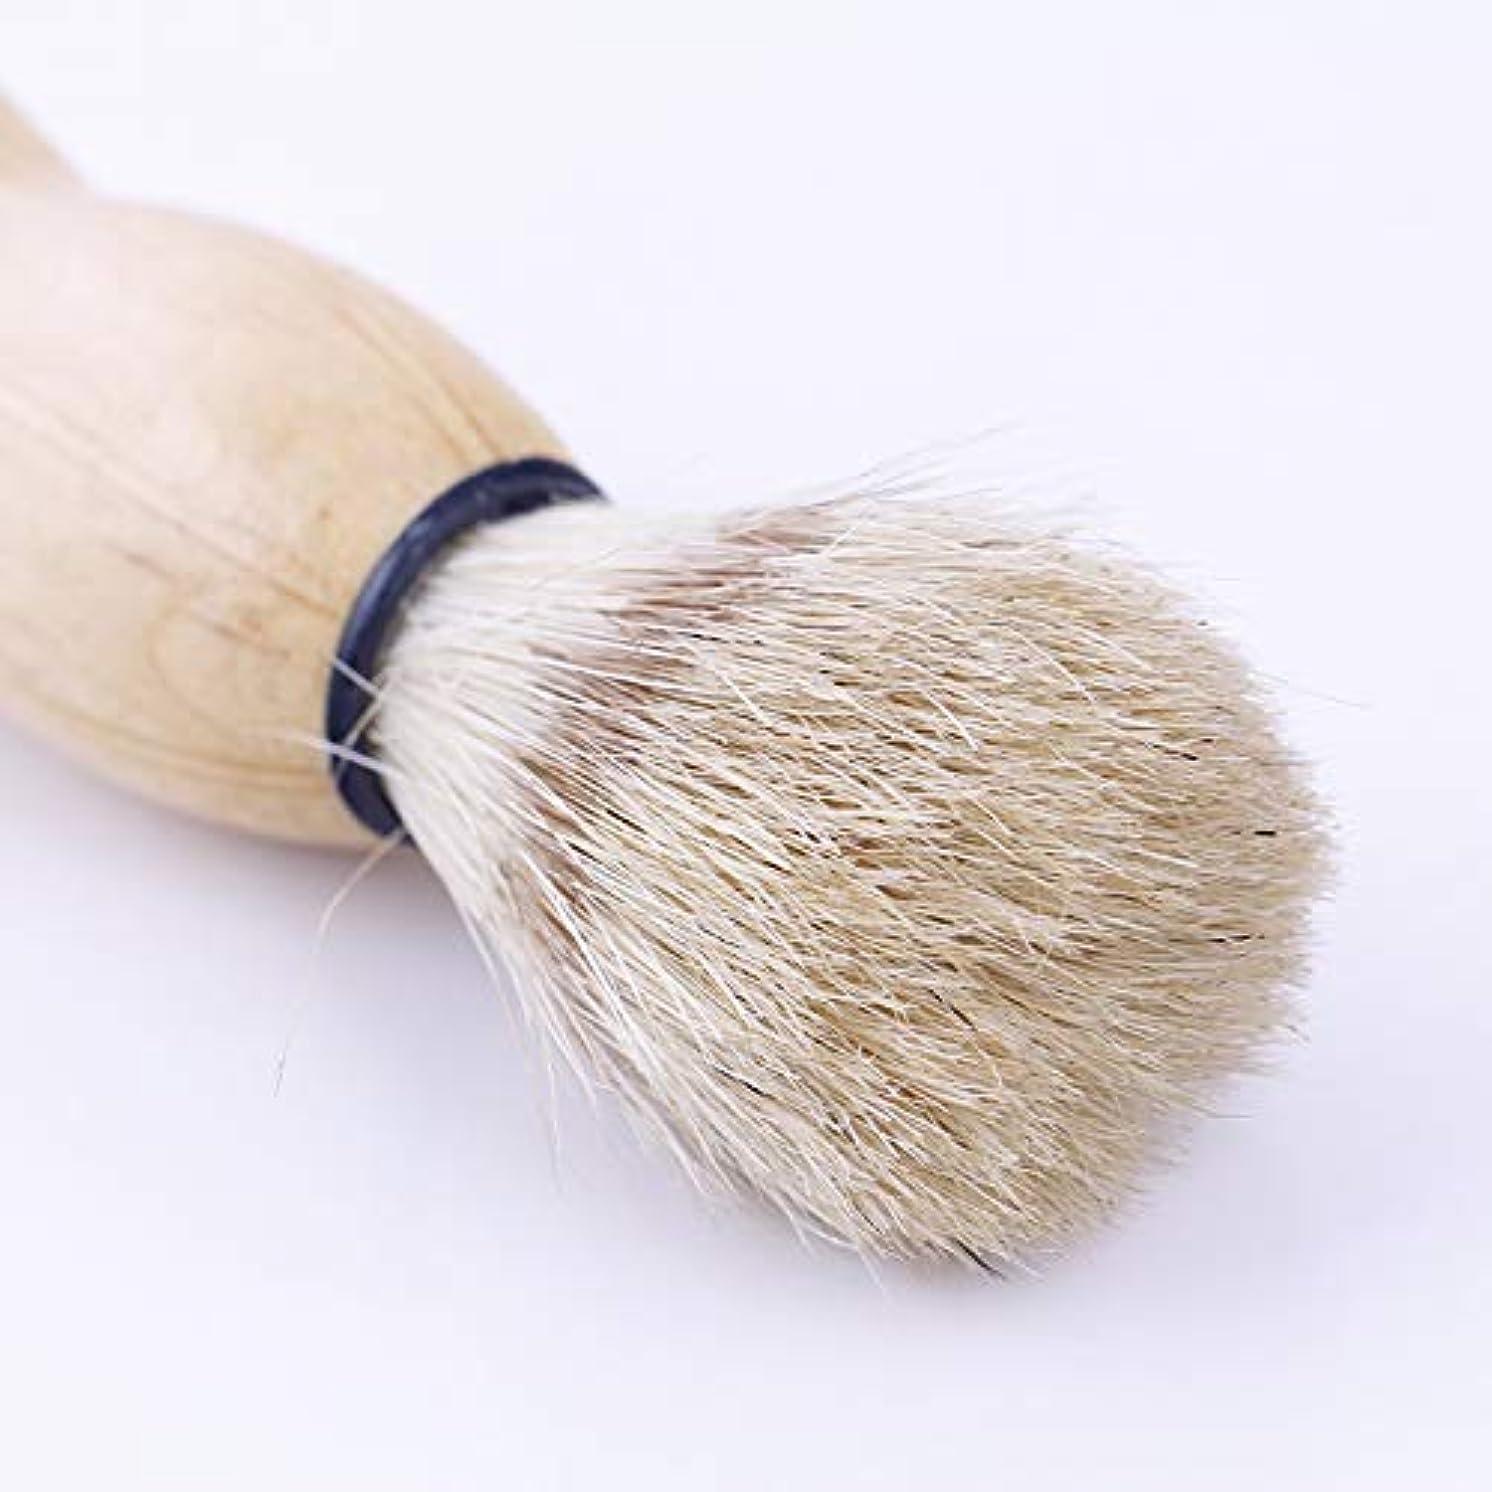 アナウンサー主婦チートSMTHOME シェービング用ブラシ メンズ 100% ウール毛 理容 洗顔 髭剃り 泡立ち